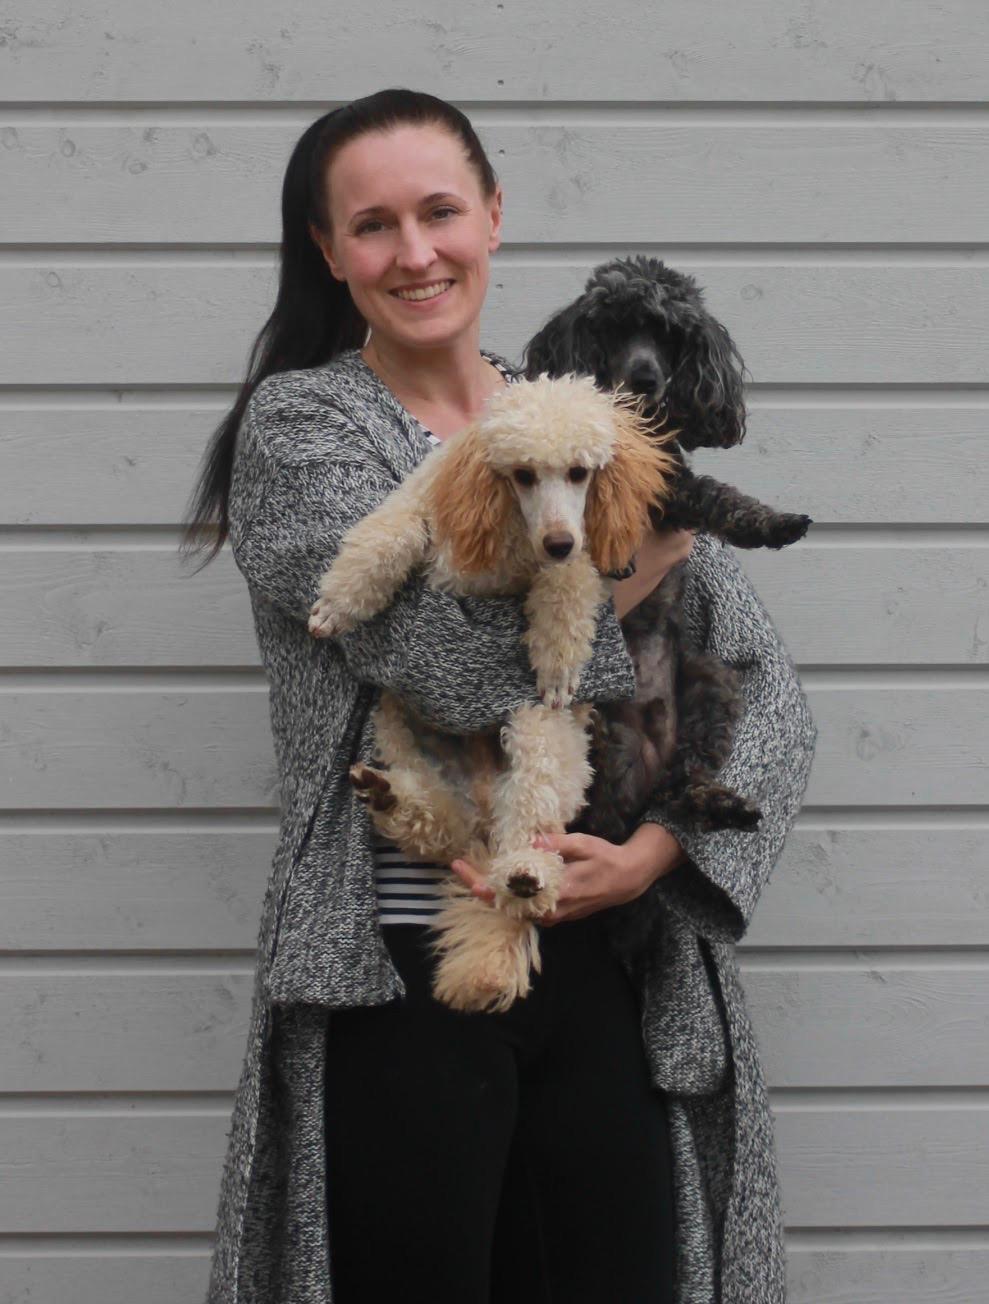 Sanna - Olen eläintenhoitajan ammattitutkinnon suorittanut koirahieroja. Asiakkaina minulla käy kaikenikäisiä harrastuskoiria, työkoiria, nivelrikkopotilaita, erilaisista loukkaantumisista tai operaatioista toipuvia sekä ihan kaikenlaisia kotikoiria joiden hyvinvointia ylläpidetään hoitojen avulla. Aiempi työkokemus koirien kouluttajana on antanut minulle vahvan pohjan erilaisten koirayksilöiden kanssa toimimiseen ja myös arat koirat ovat tervetulleita totuttelemaan käsittelyyn.Minulle on tärkeää kehittyä työssäni jatkuvasti ja jatko-opintoja löytyykin muun muassa koiran biomekaniikasta, faskiamanipulaatiosta sekä rangan tutkimisesta ja hoidosta. Tällä hetkellä opiskelen lisäksi koirien hoitamista akupunktion ja kraniosakraaliterapian avulla. Hyödynnän erilaisia tekniikoita työssäni monipuolisesti jotta jokaisen koiran kohdalla päästäisiin parhaisiin mahdollisiin tuloksiin.Kotona minulla on neljä omaa koiraa, villakoiria ja maltankoiria. Harrastamme monipuolisesti eri lajeja ja kilpailemme aktiivisesti agilityssa, rally-tokossa sekä Nose Workissa. Arki, työ ja harrastukset pyörivät siis vahvasti koirien parissa, mikäs sen parempaa!